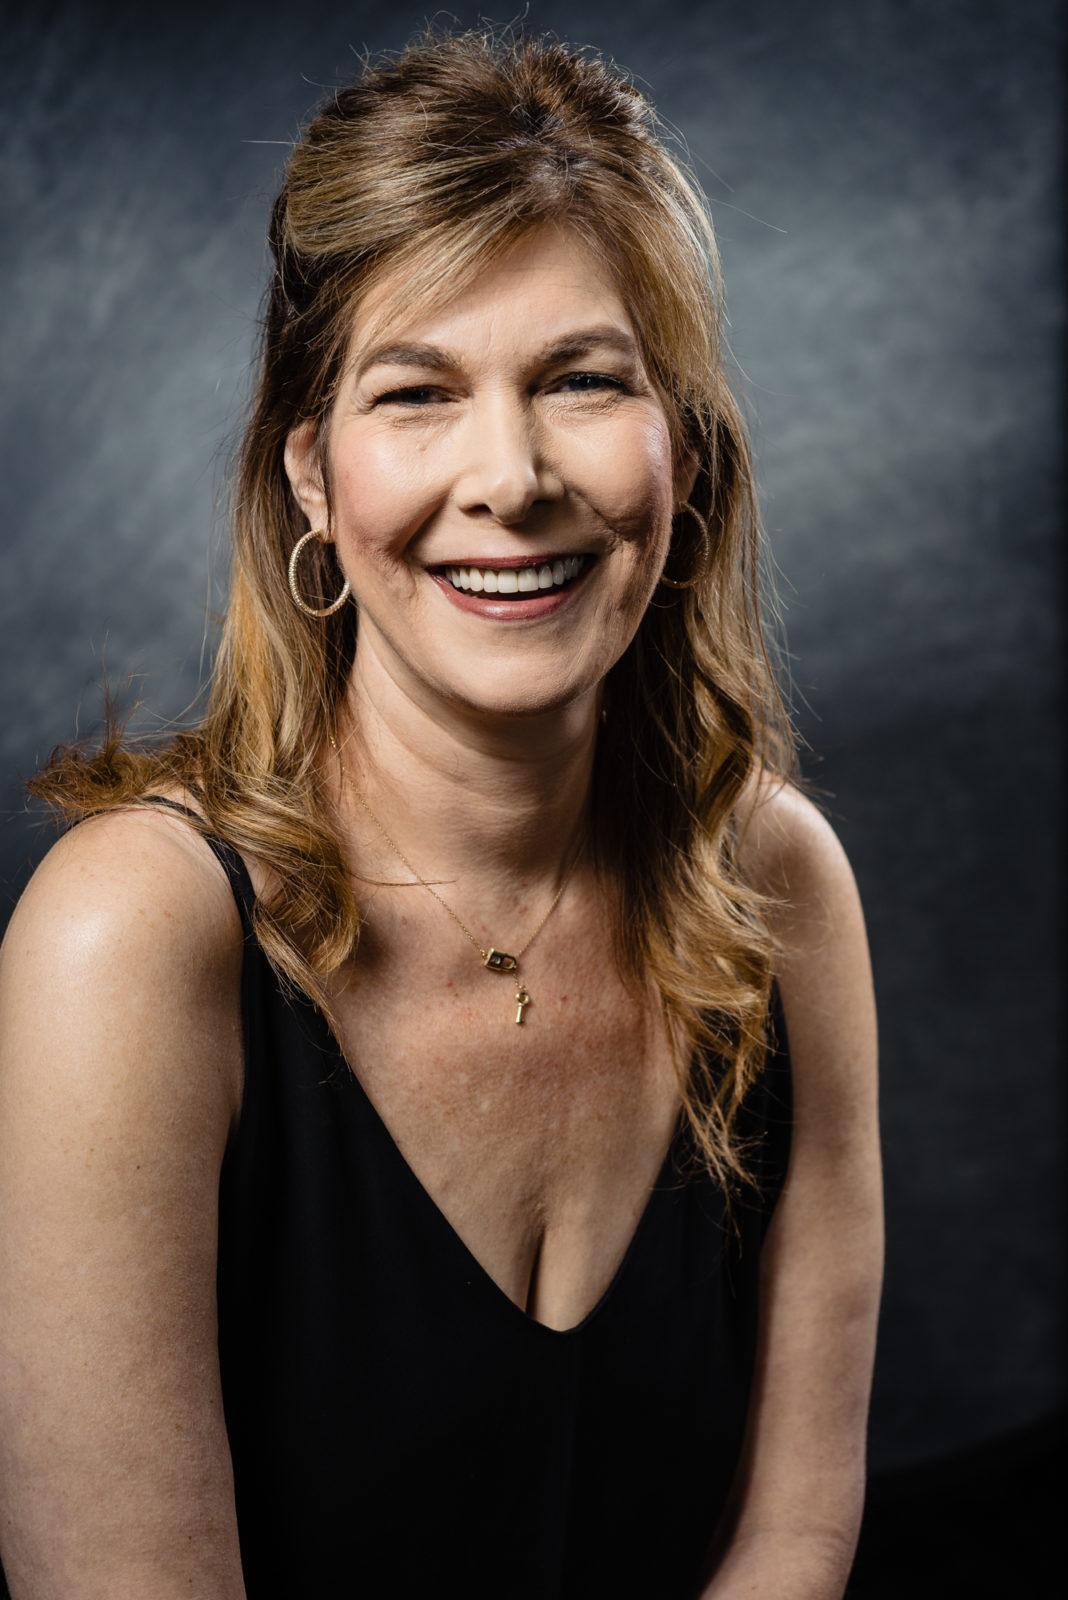 Stefanie Feuerman